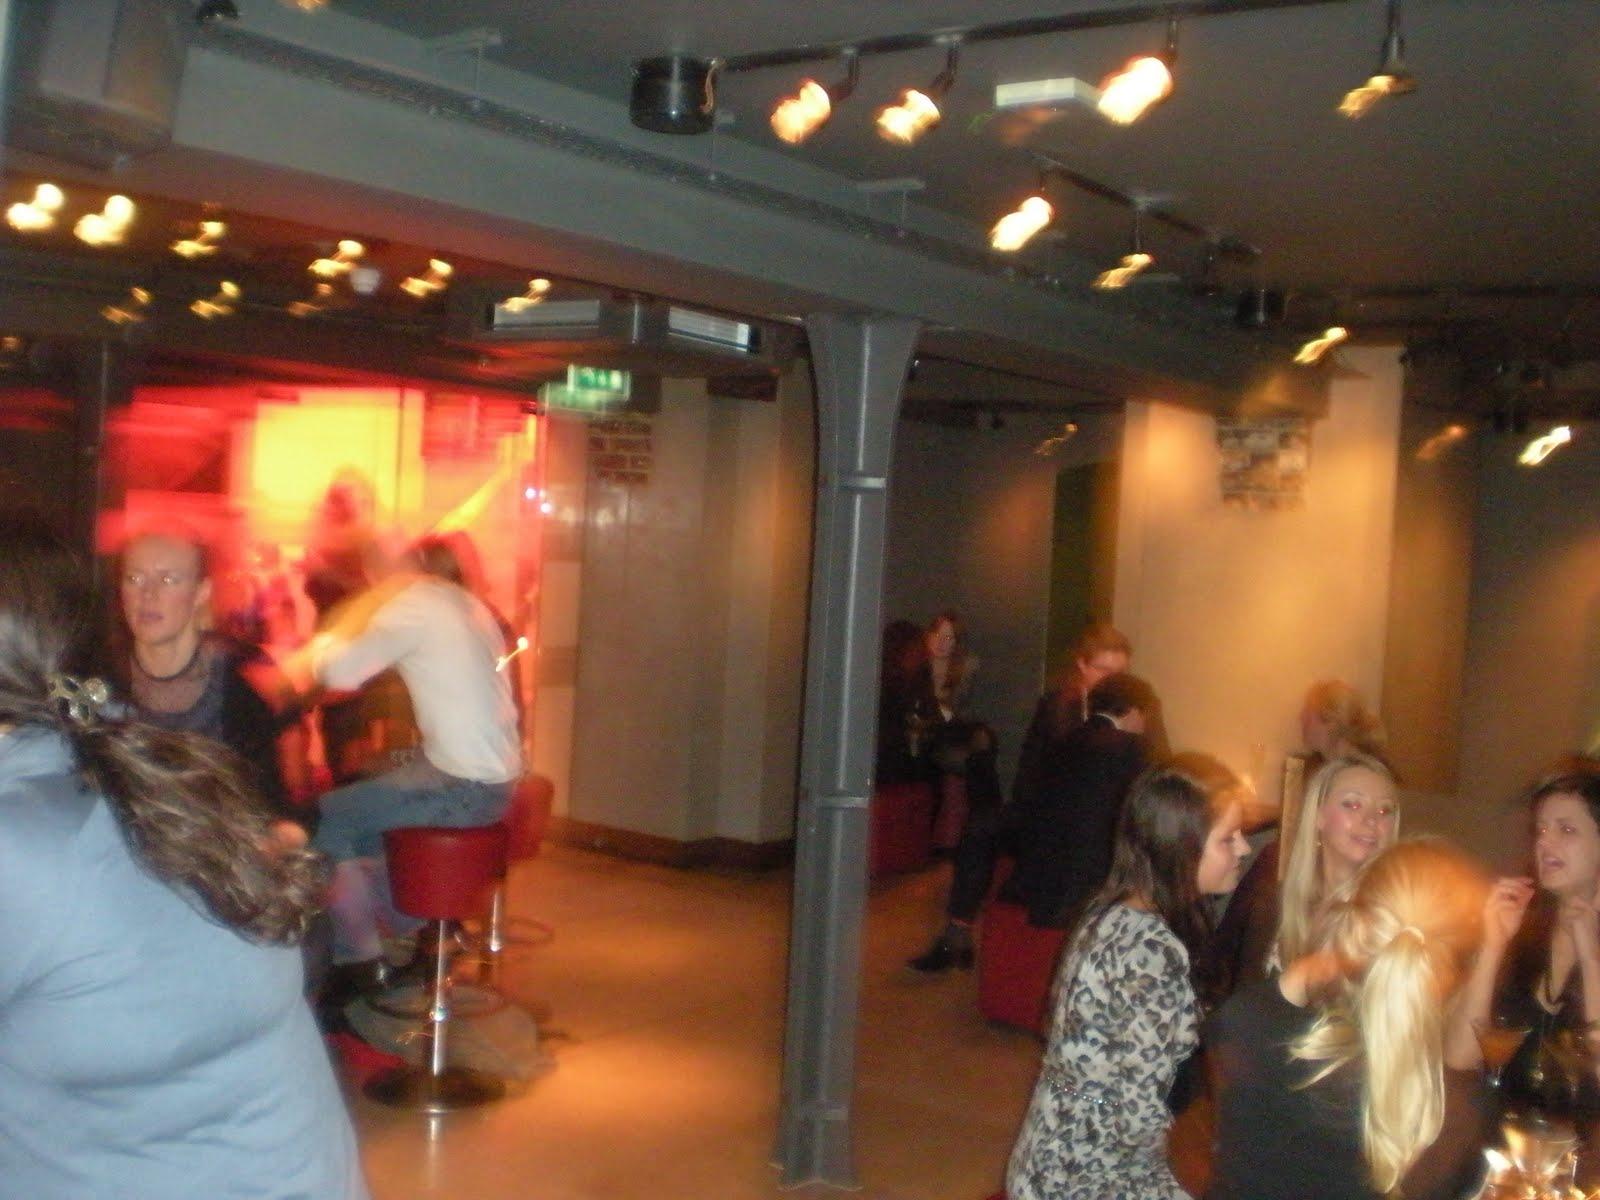 http://4.bp.blogspot.com/_SRPuG9_xzlw/TO_C0eB1rnI/AAAAAAAAA7U/MAu7KArsmzg/s1600/Bar_92_Marylebone_London_Oxford_Street_3.JPG